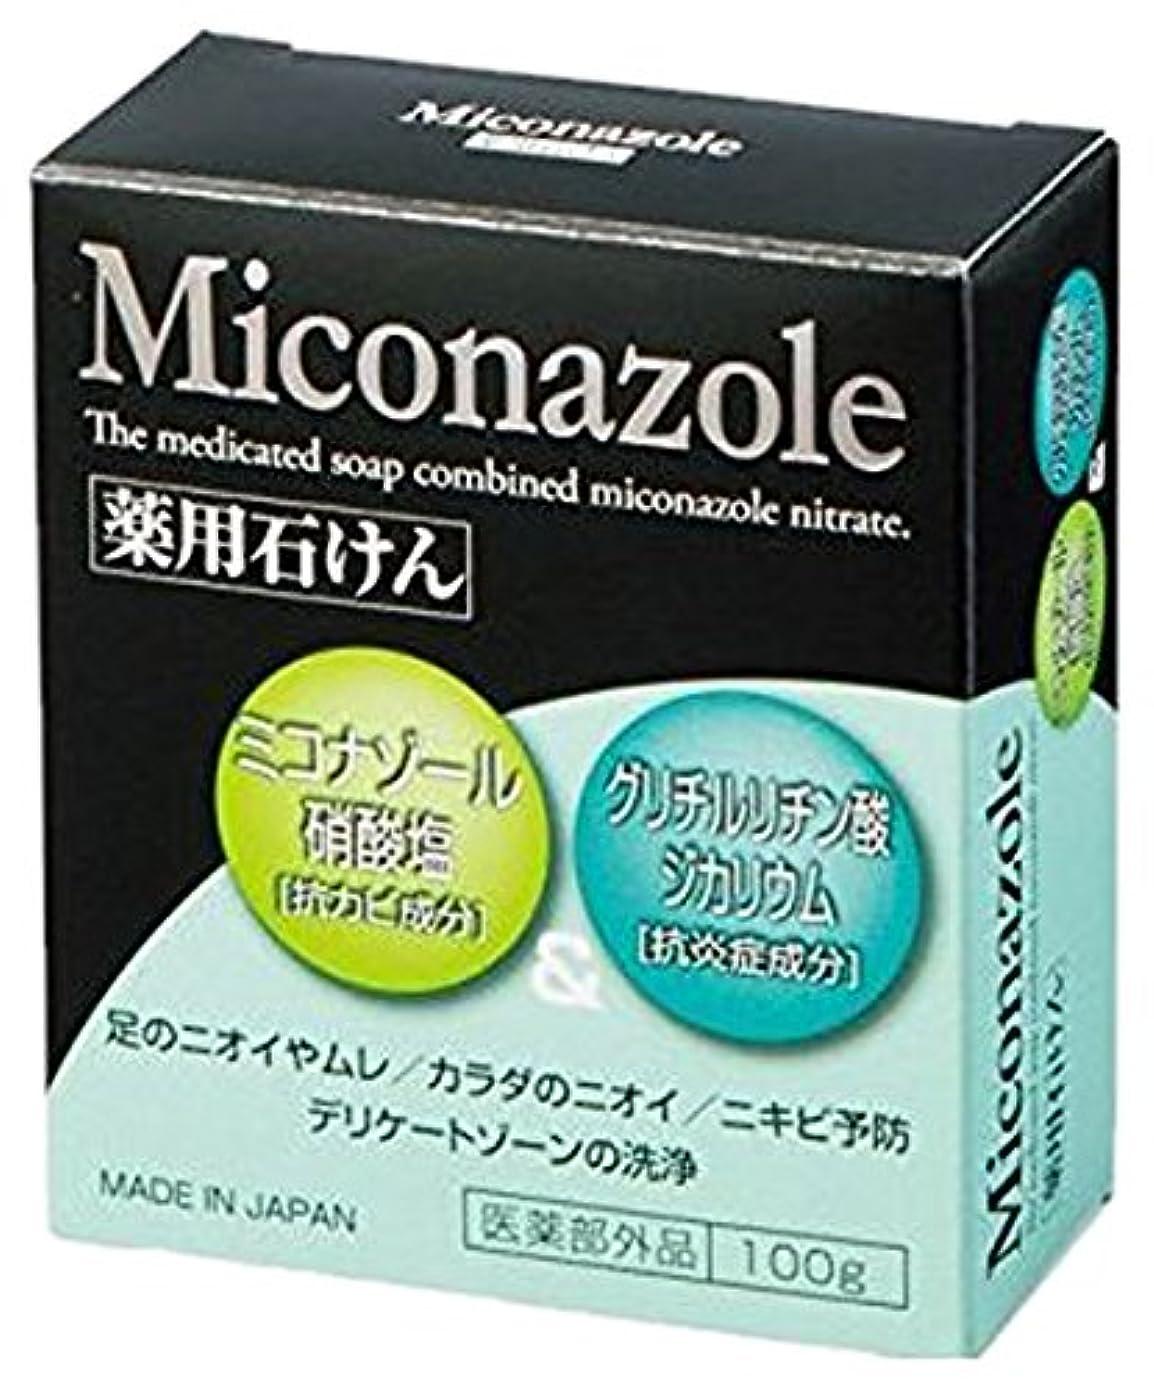 汚い船形麦芽白金製薬 ミコナゾール 薬用石けん ココデオード 100g [医薬部外品]